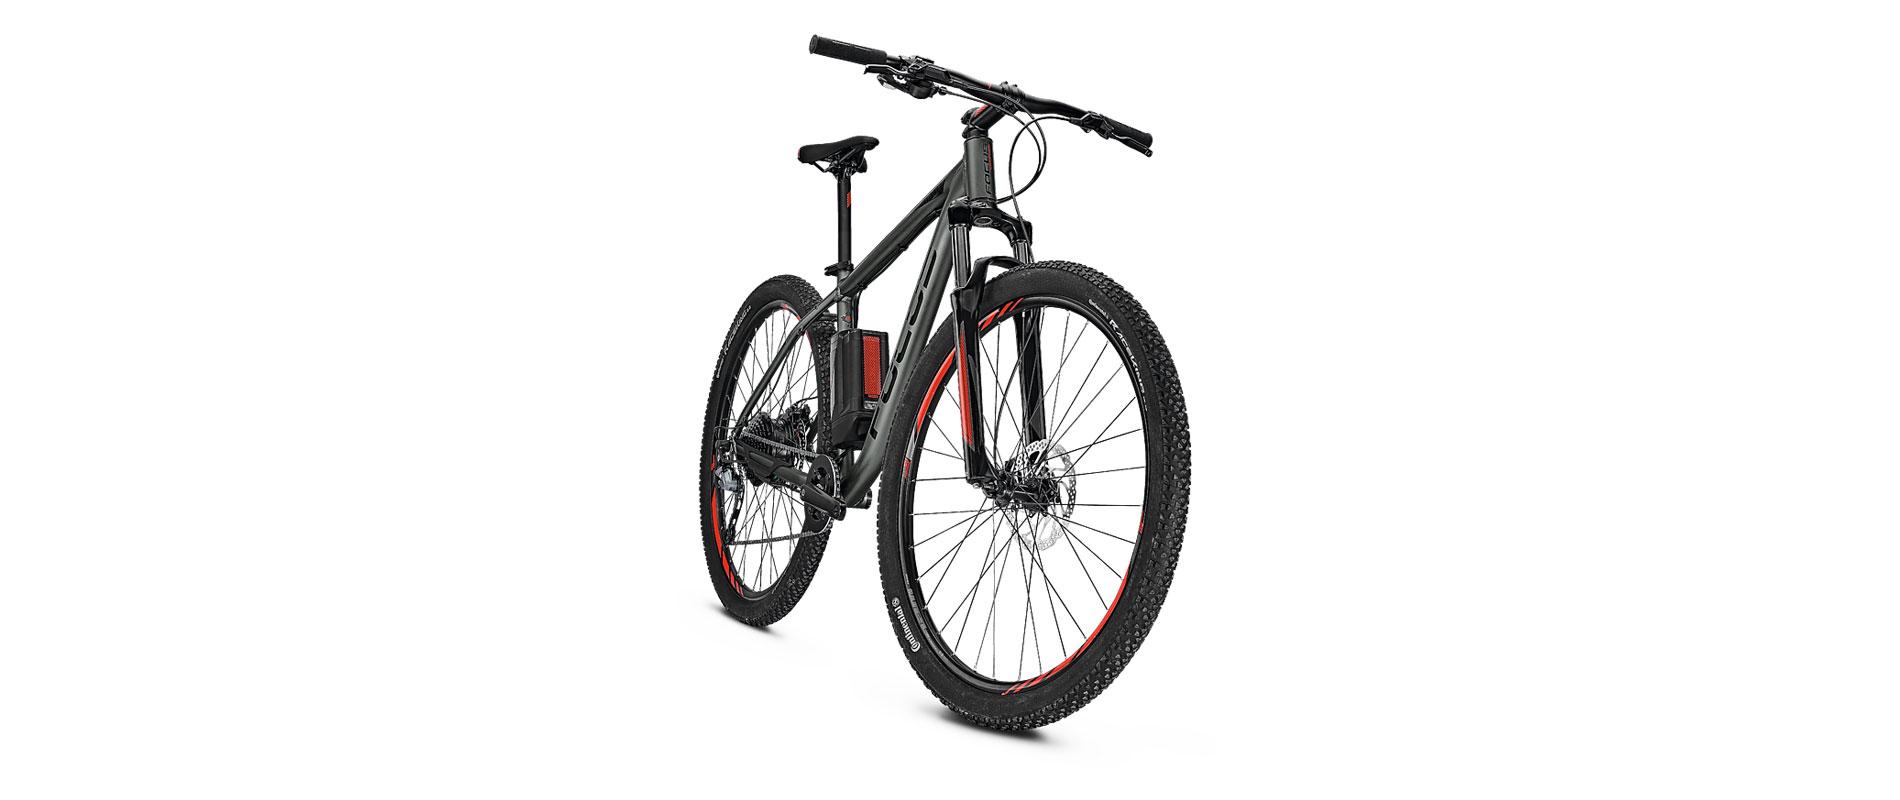 https://bikepointtenerife.com/wp-content/uploads/2019/05/whistler2-2.jpg